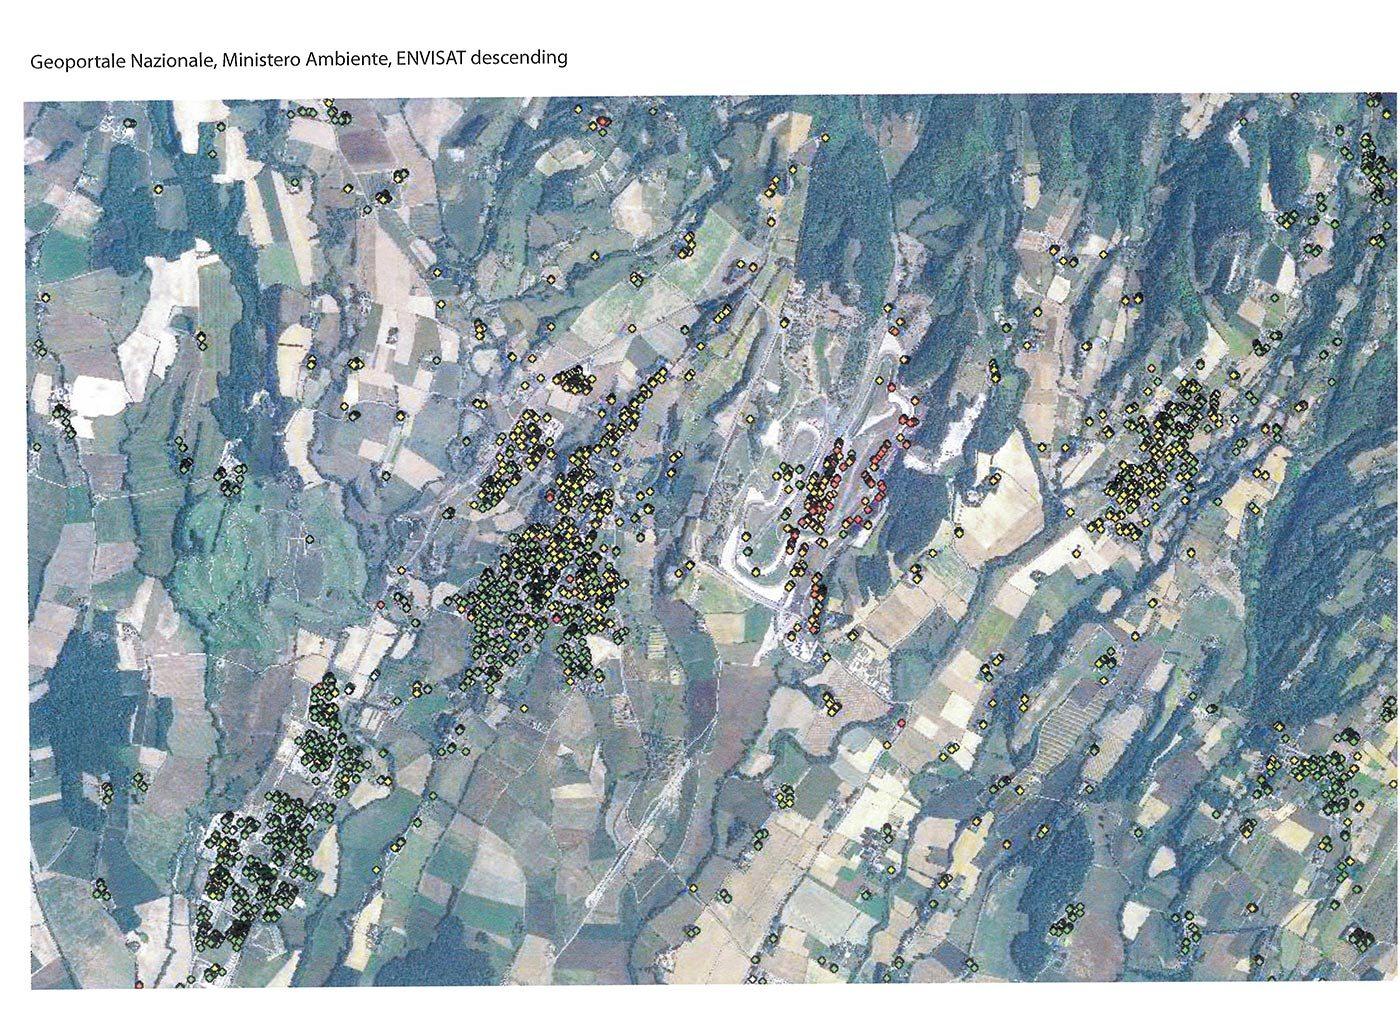 Zona di Scarperia - Luco di Mugello. Al gentro l'autodromo. I rilevamenti dei punti di subsidenza nelle immagini satellitari pubblicati dal Geoportale nazionale del Ministero dell'Ambiente